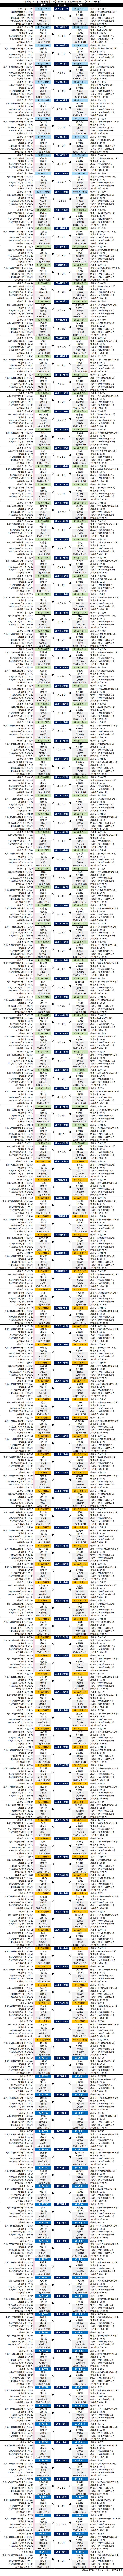 大相撲・2020年3月場所初日・幕下以下の取組結果